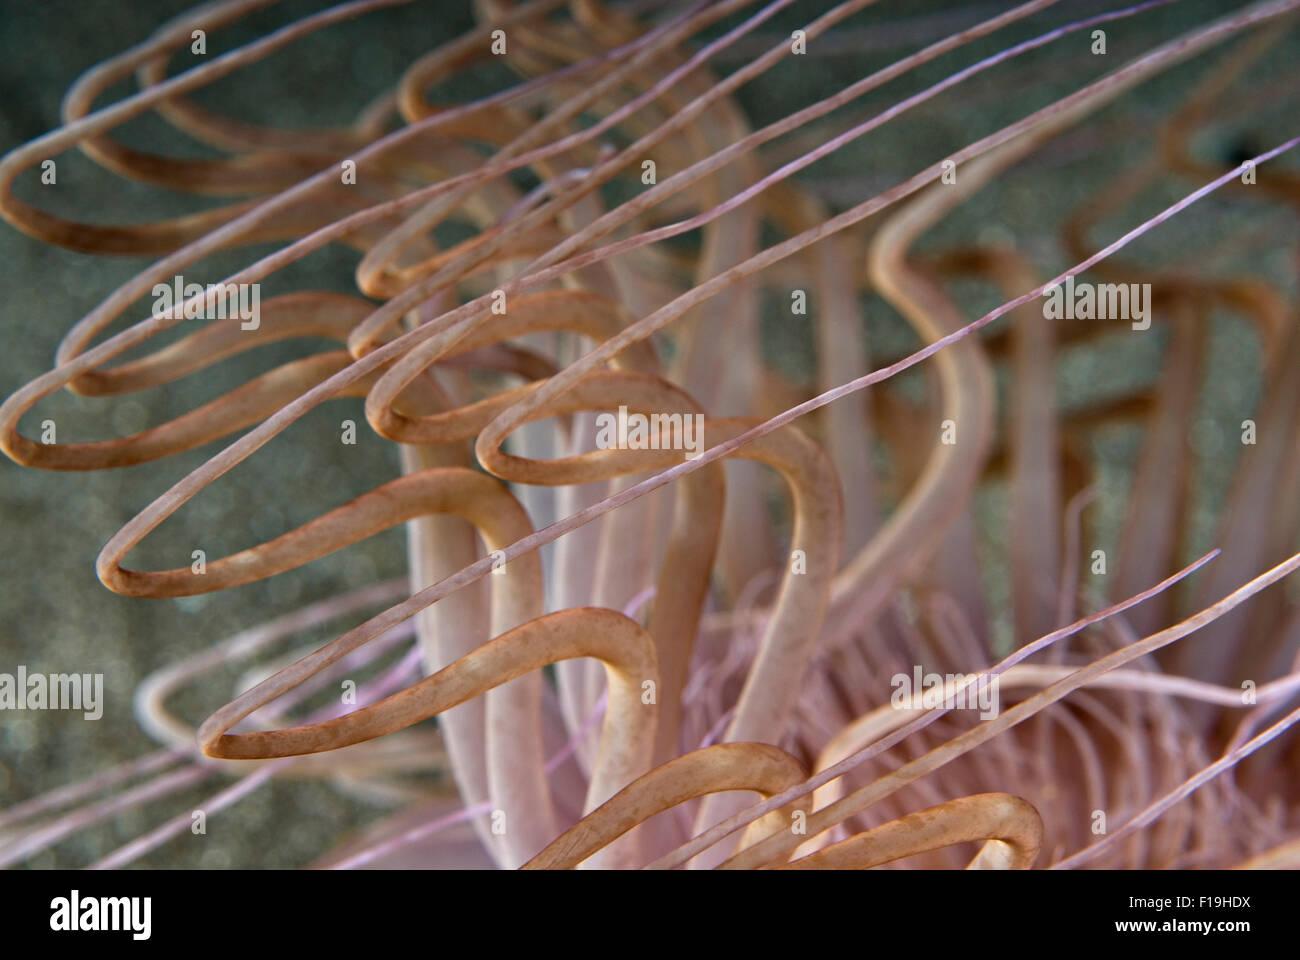 px510242-D. Tube Anemone (Familie Cerianthidae), Nahaufnahme Detail von Tentakeln. Indonesien, tropischen Pazifik. Stockbild